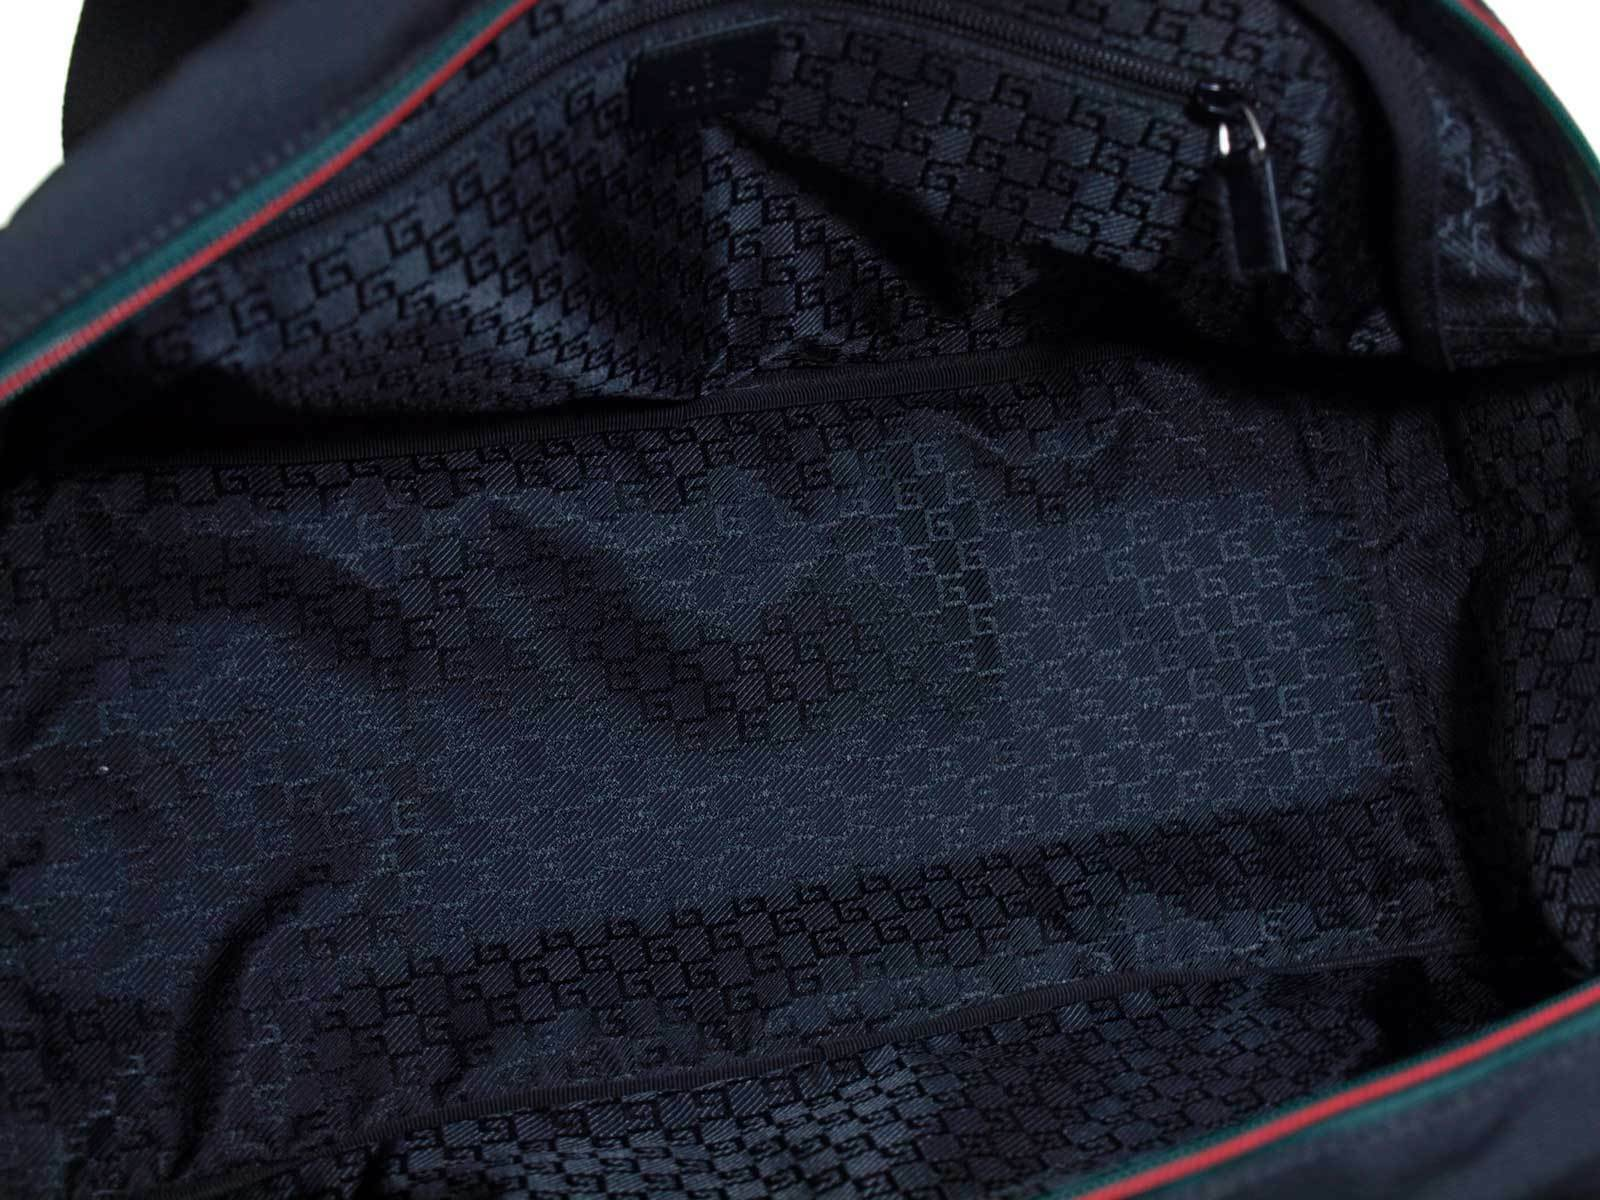 GUCCI Nylon Canvas Black Boston Bag GB1655